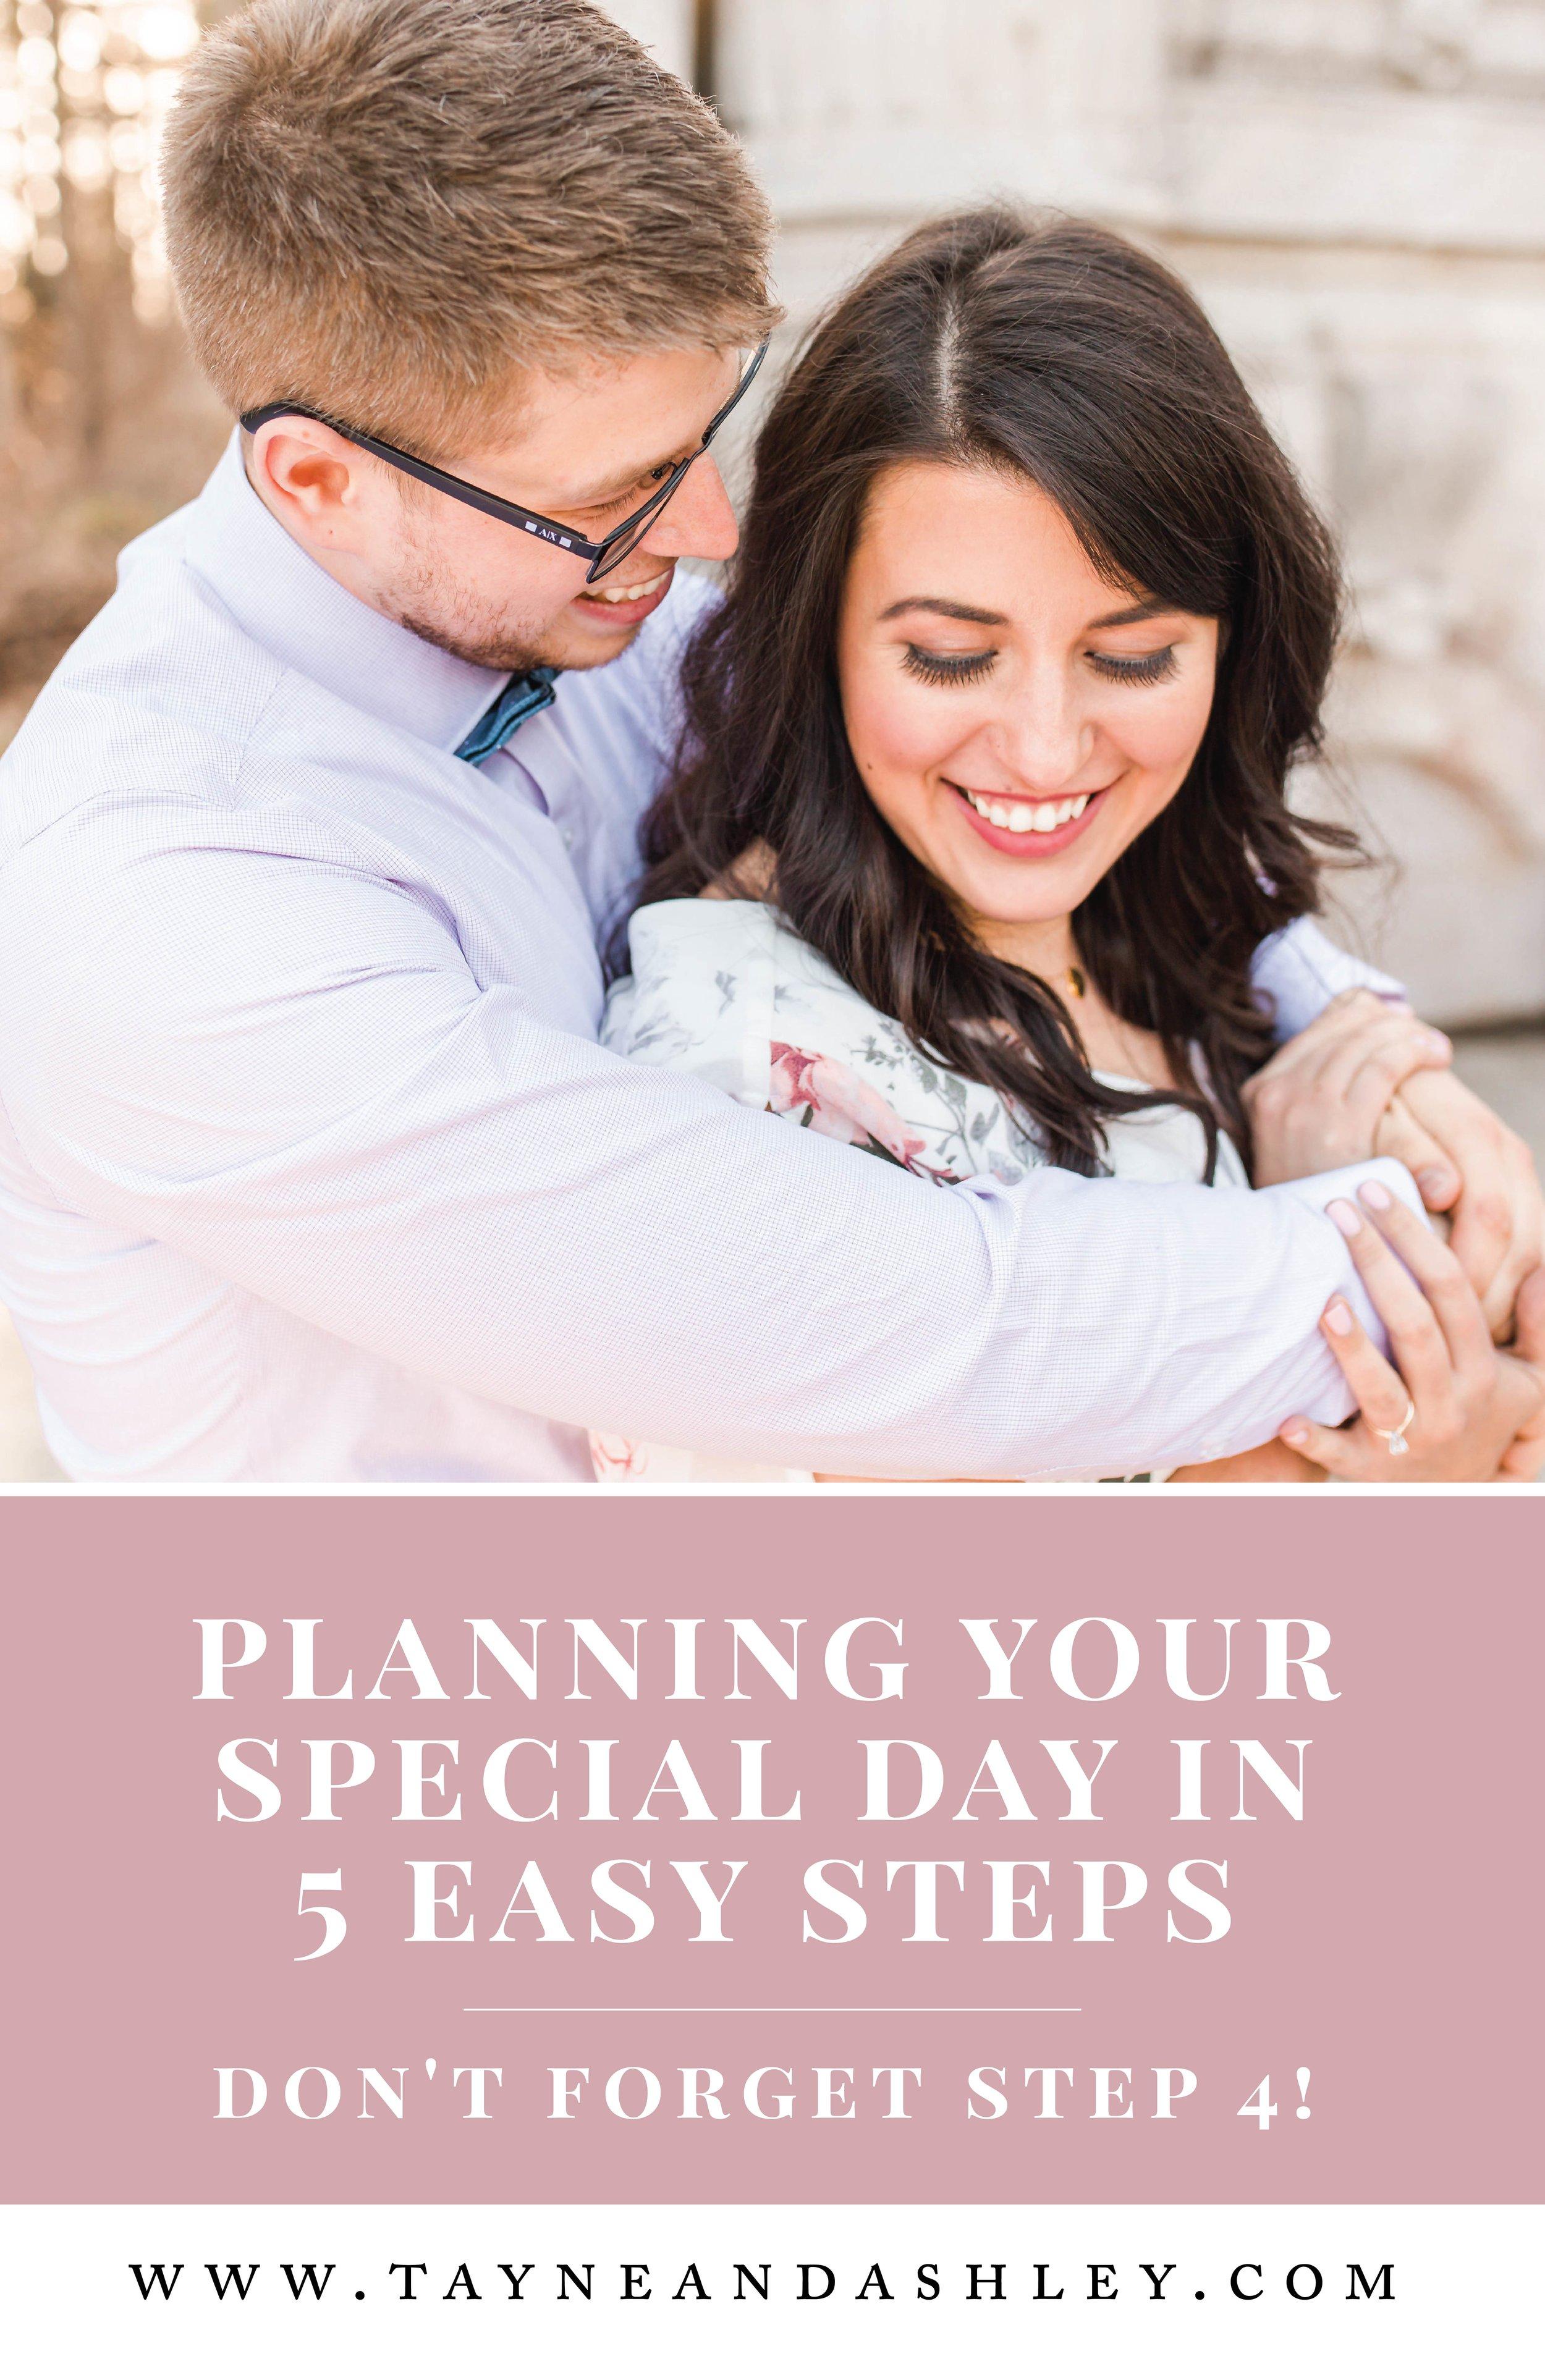 wedding-planning-checklist-Tayne-and-ashley-02.jpg